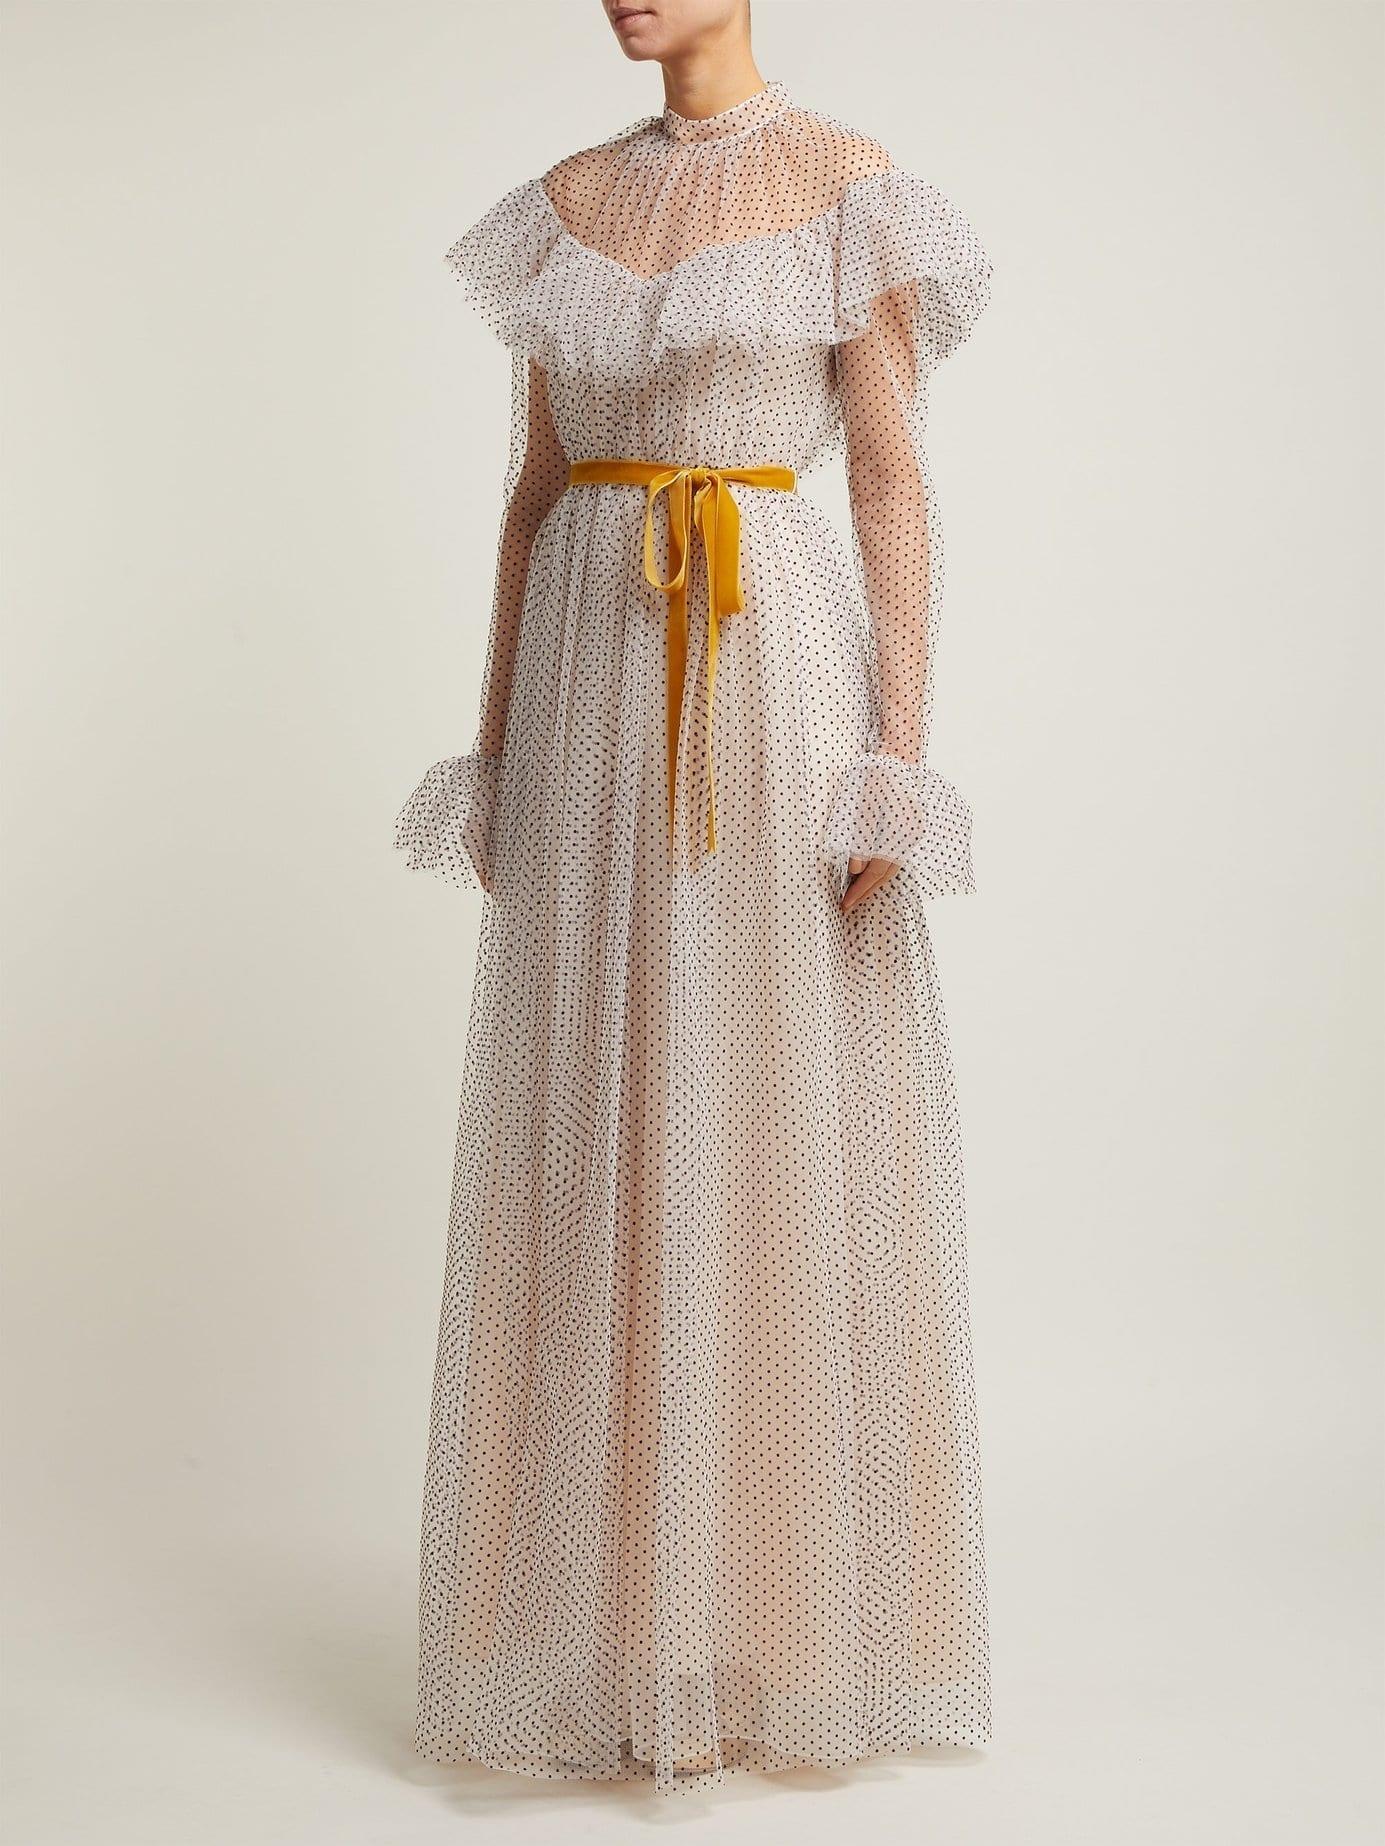 ERDEM Mirabelle Ruffled Polka-dot Tulle White Gown